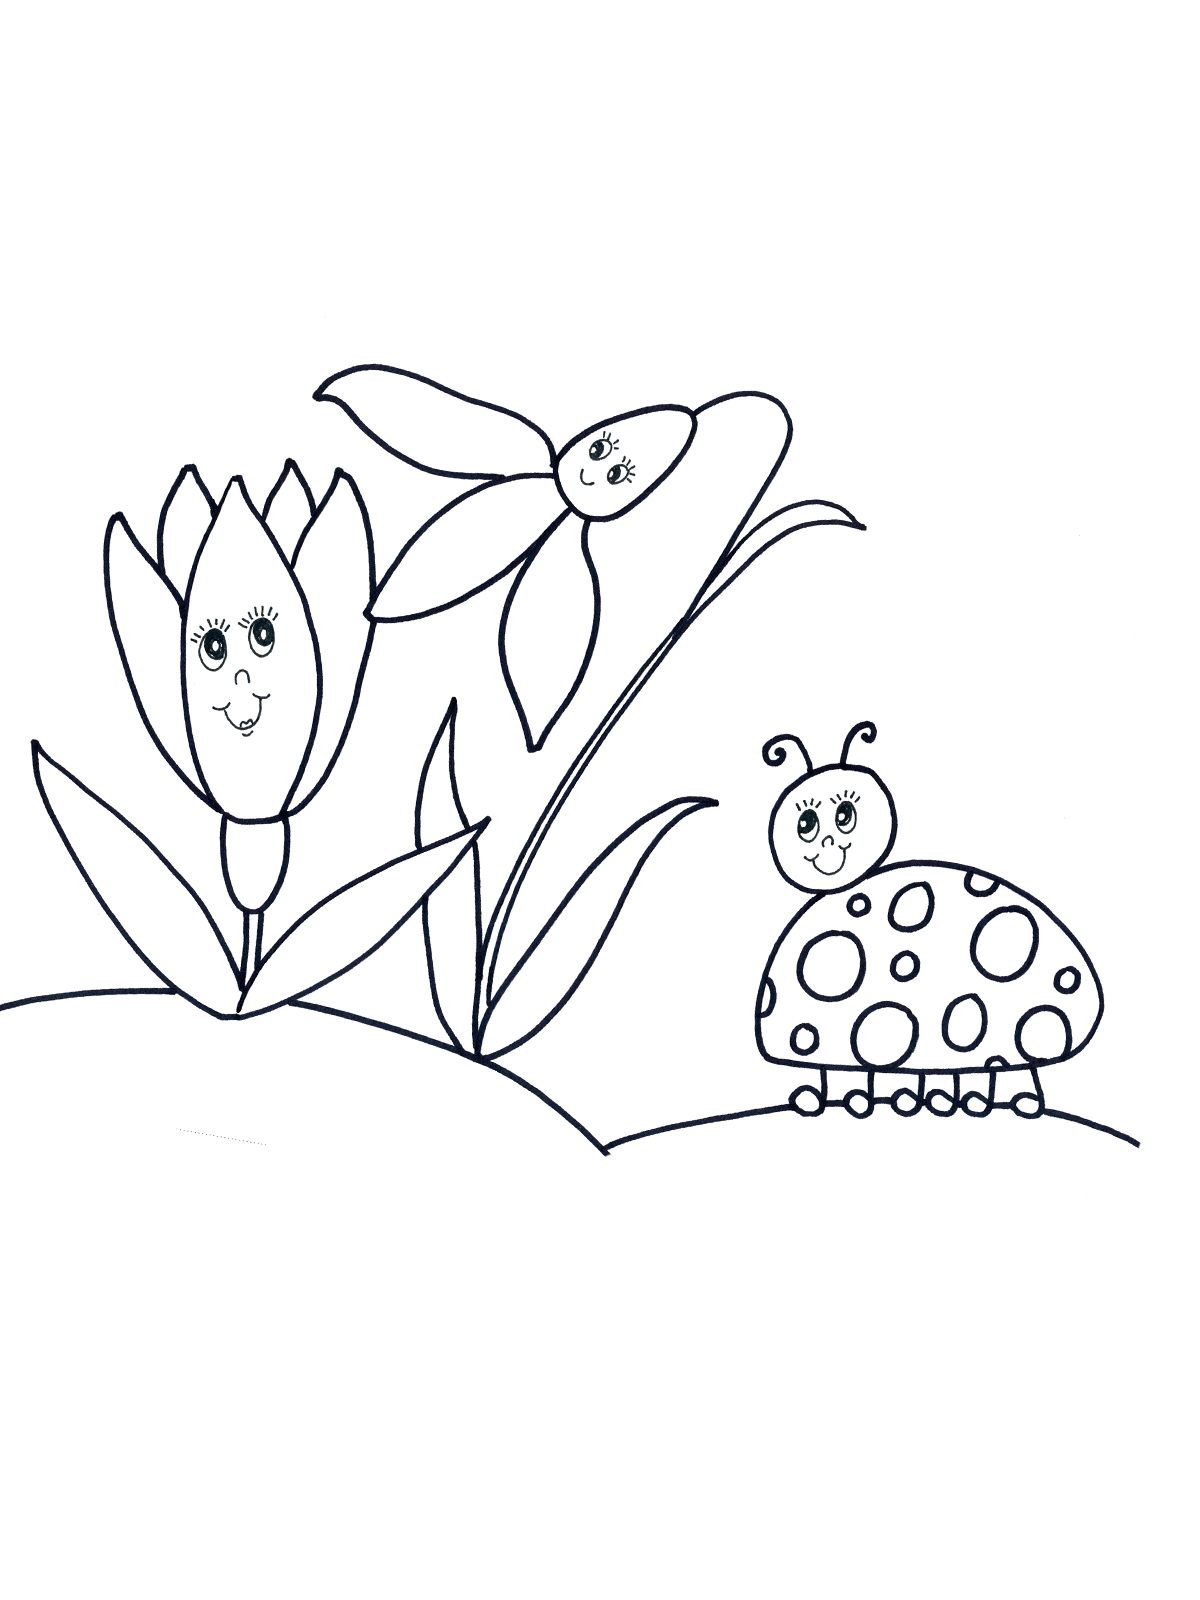 Malvorlage Frühling 39 zum Ausdrucken Märchen aus aller